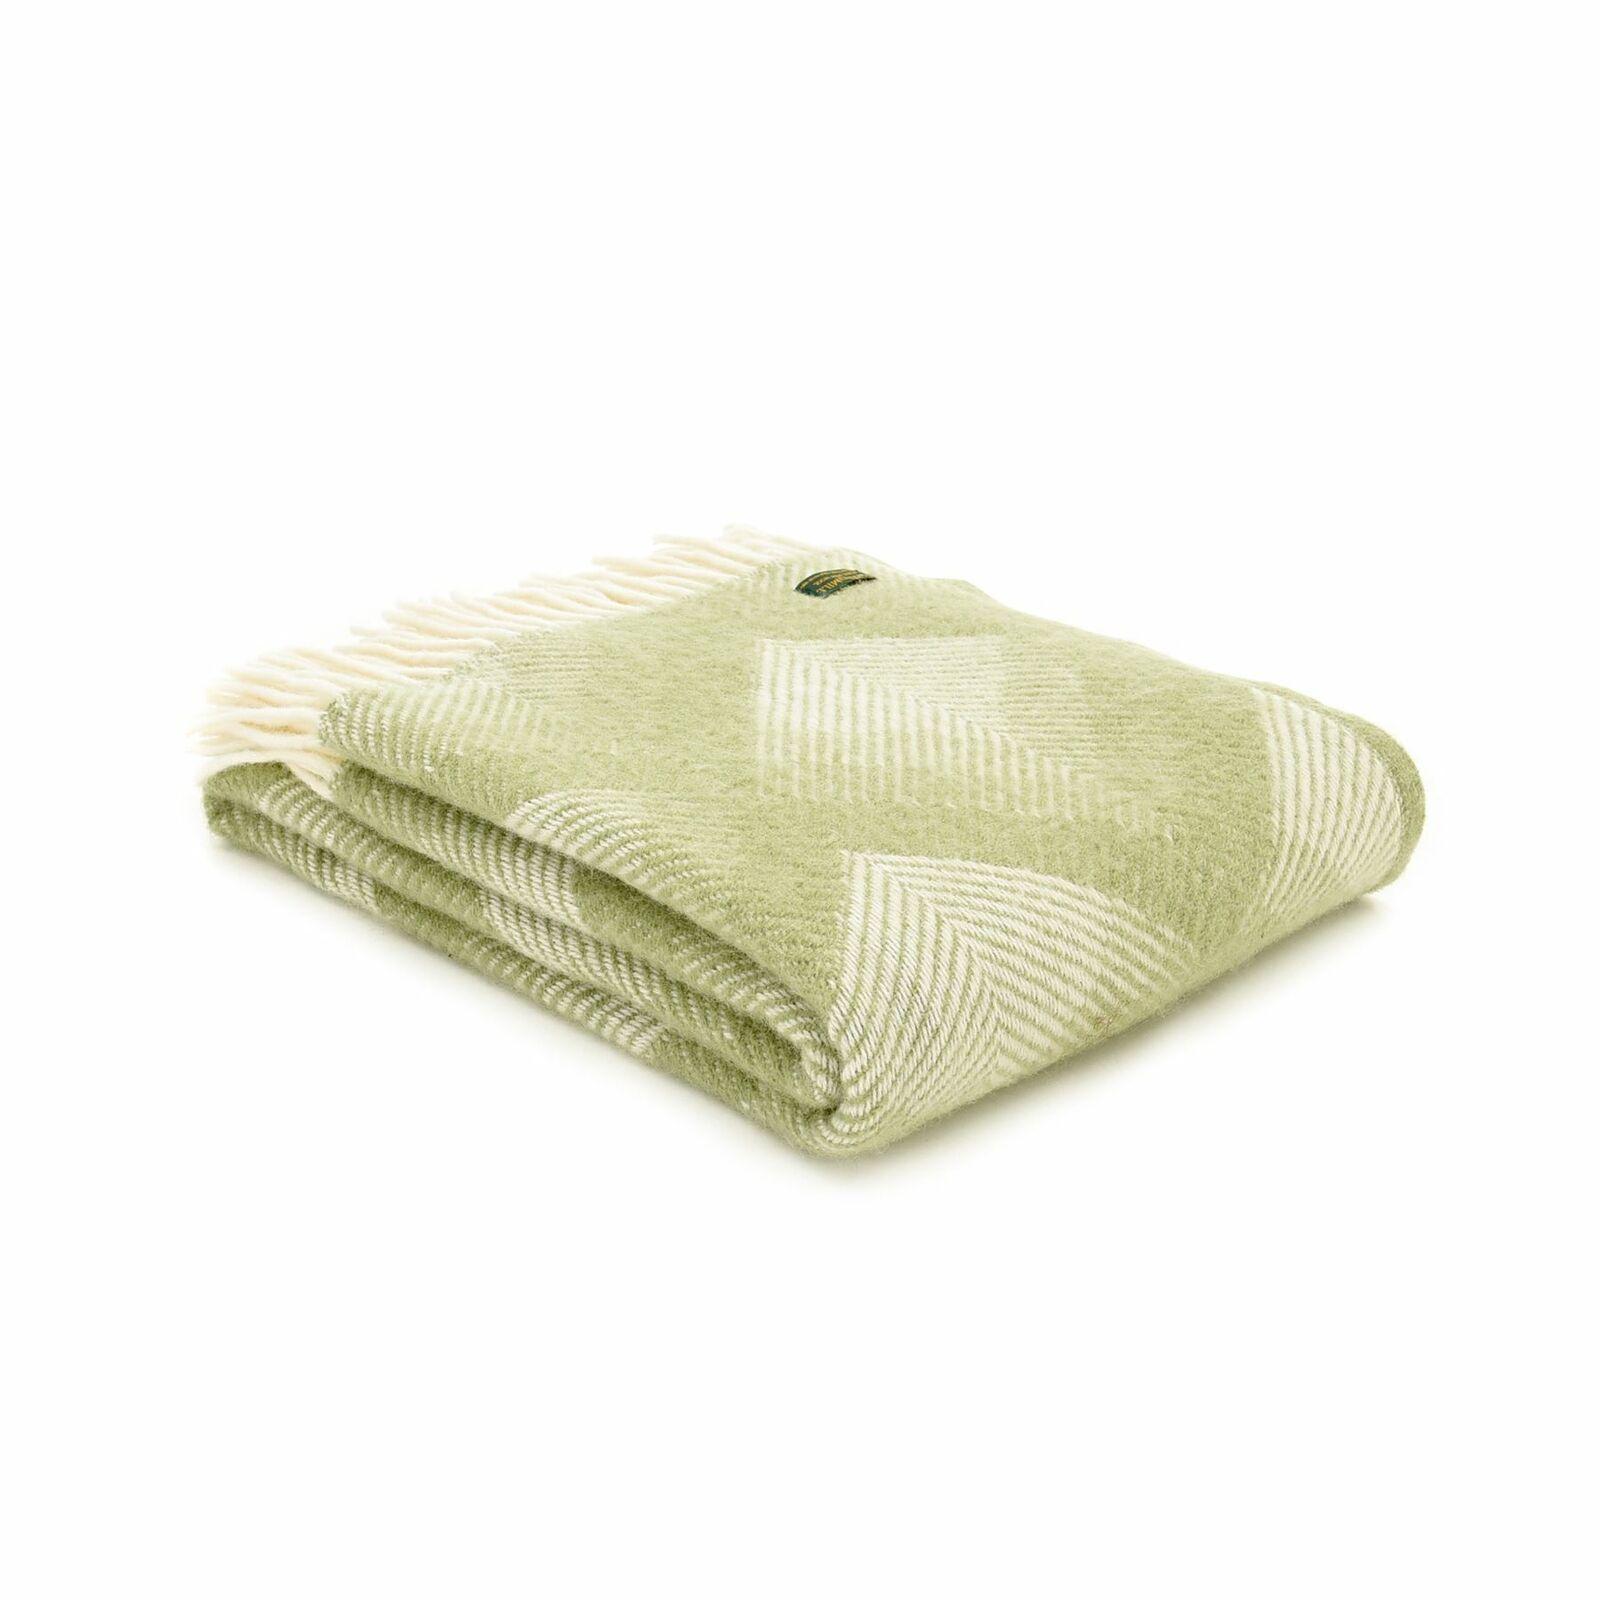 Pure Manta Cobertor De Lana Nuevo Prisma-Azul verde o Rojo Hecho en Reino Unido